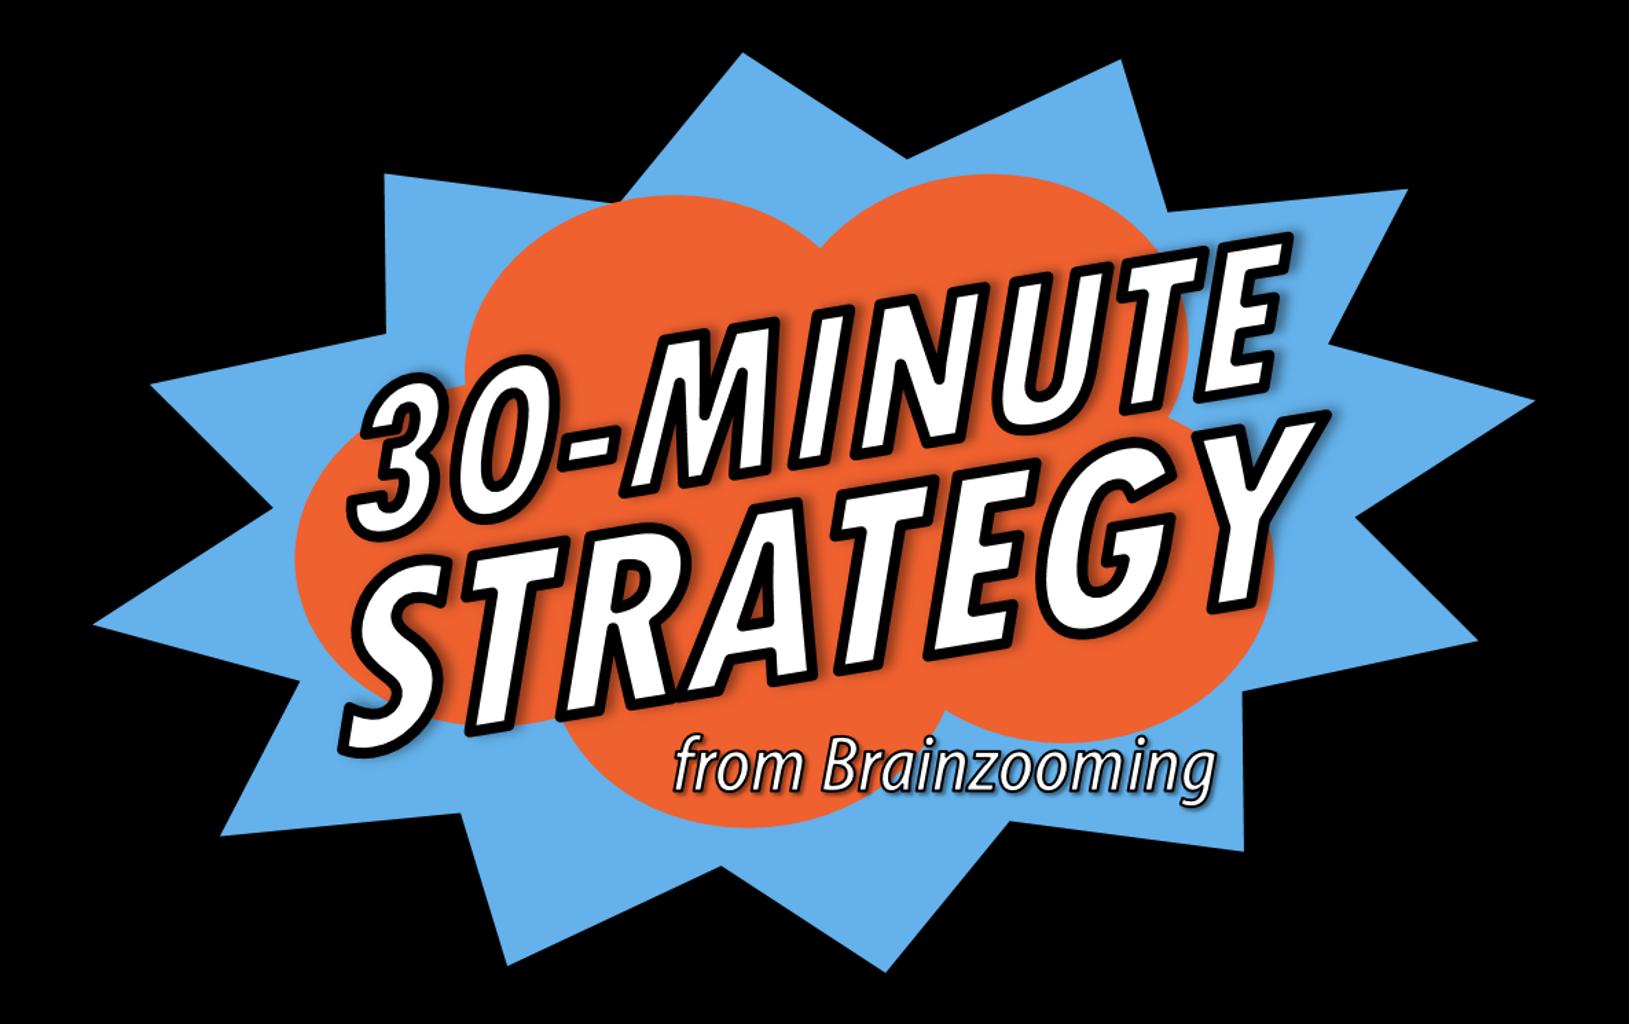 30MinStrategyLogo